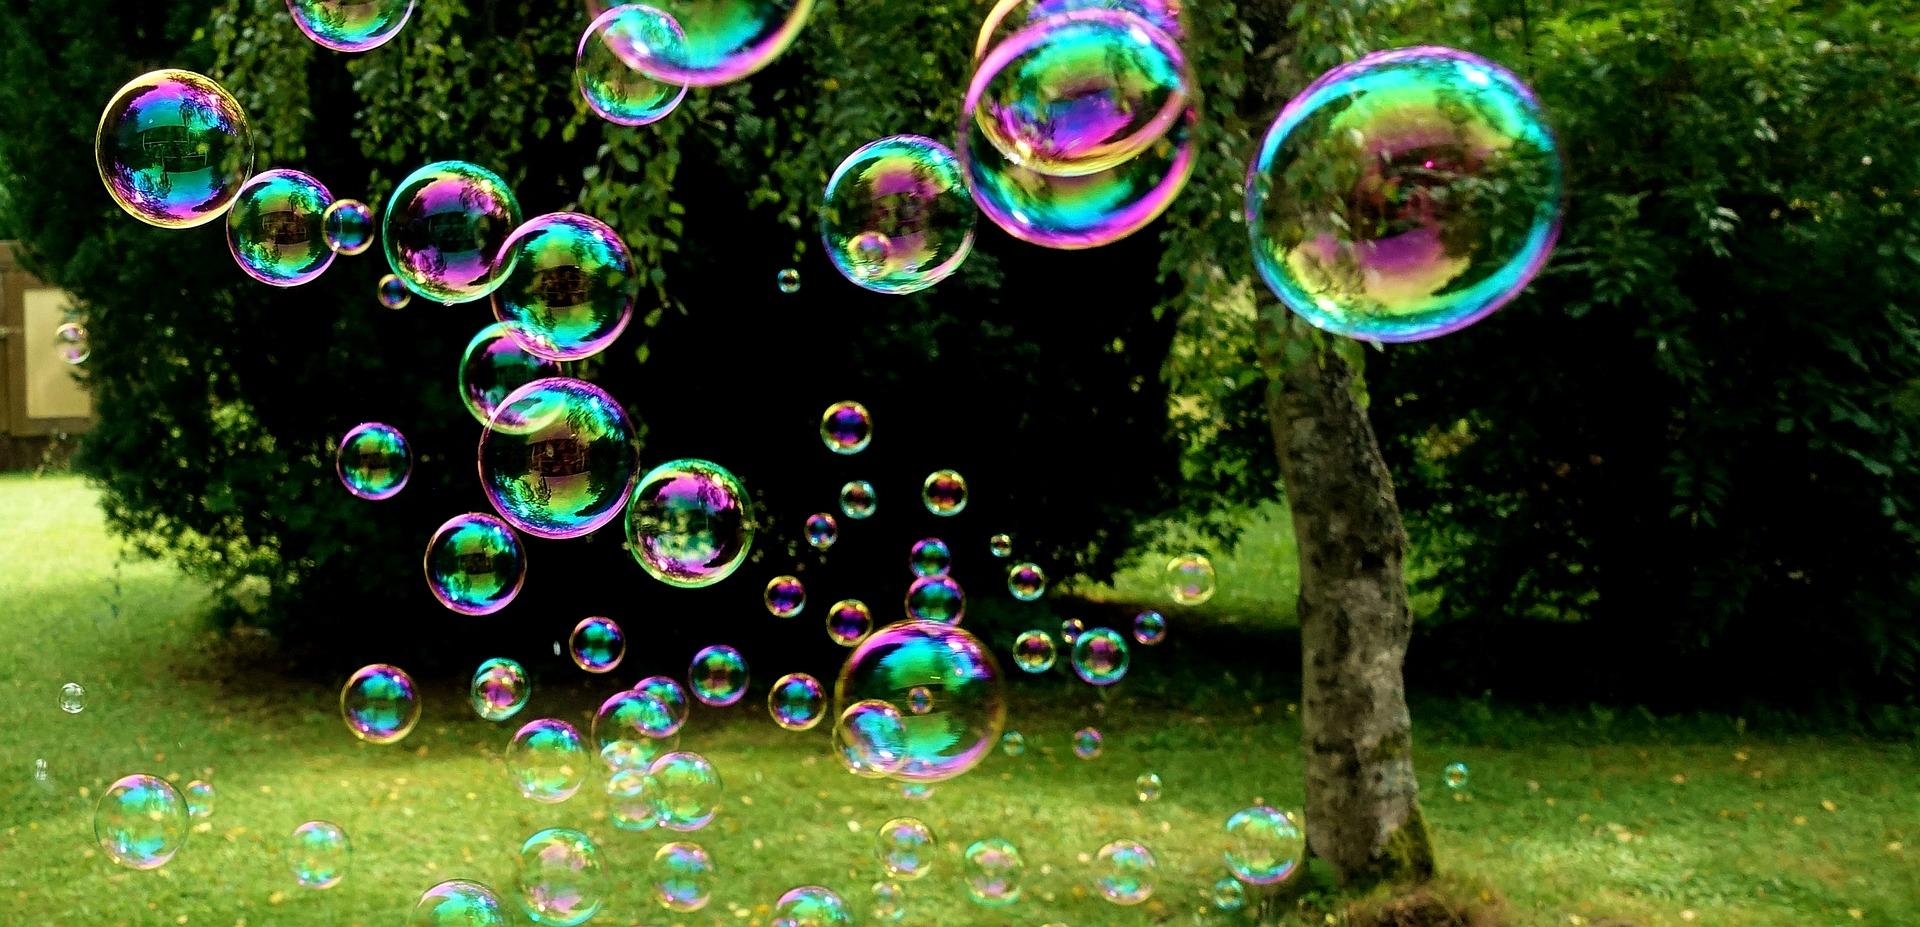 Seifenblasenmaschine für Hochzeit, Party oder Geburtstag mieten